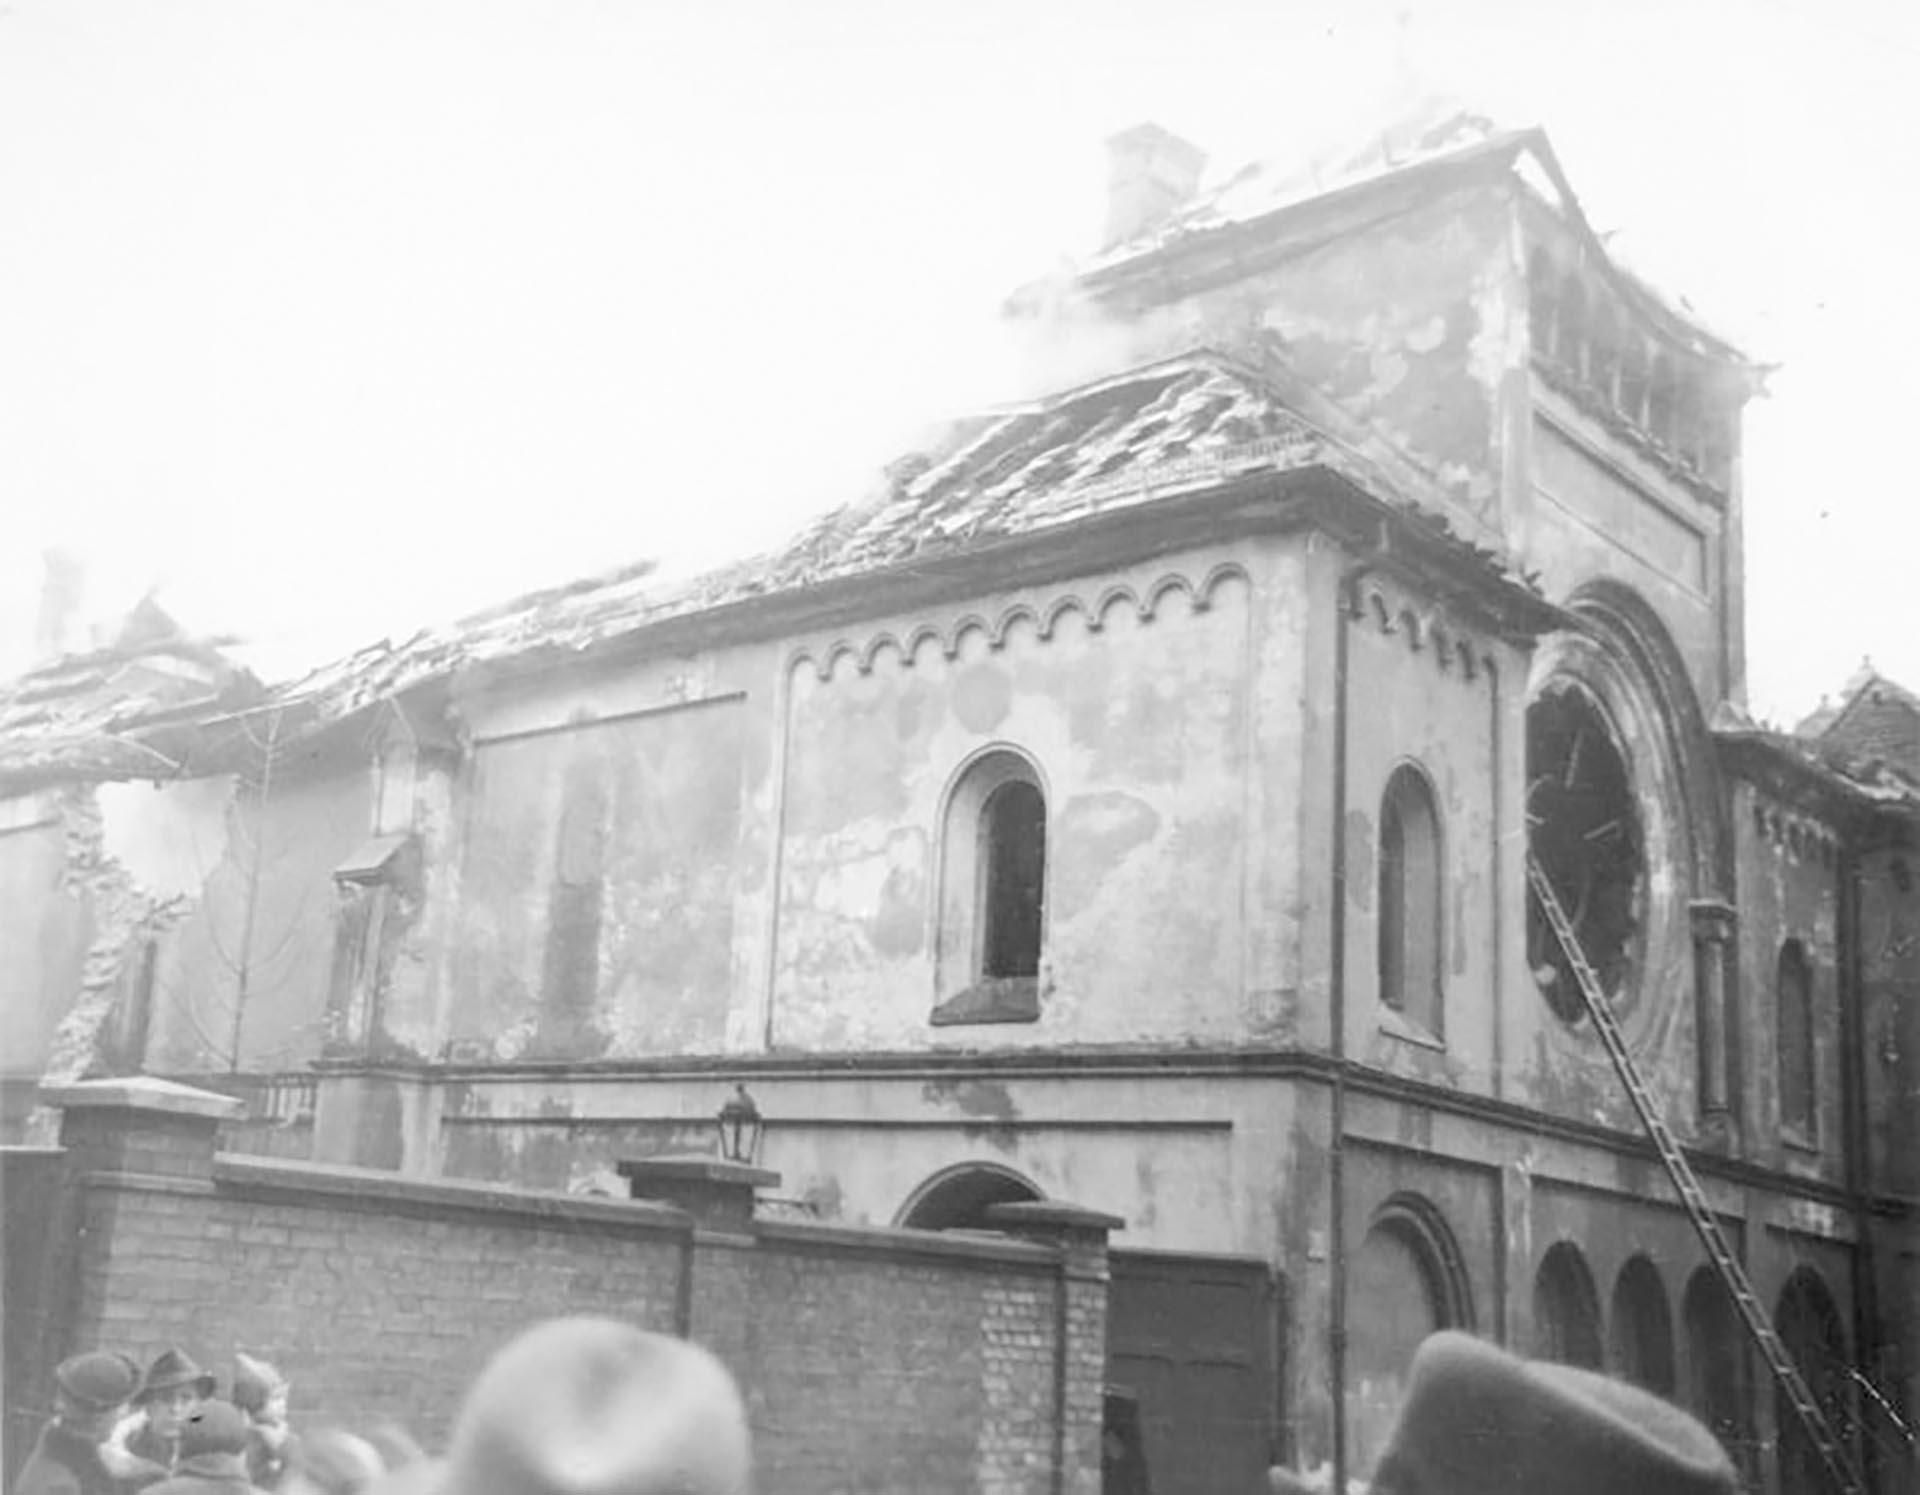 Sinagoga atacada en la noche de los cristales rotos, hace 80 años.